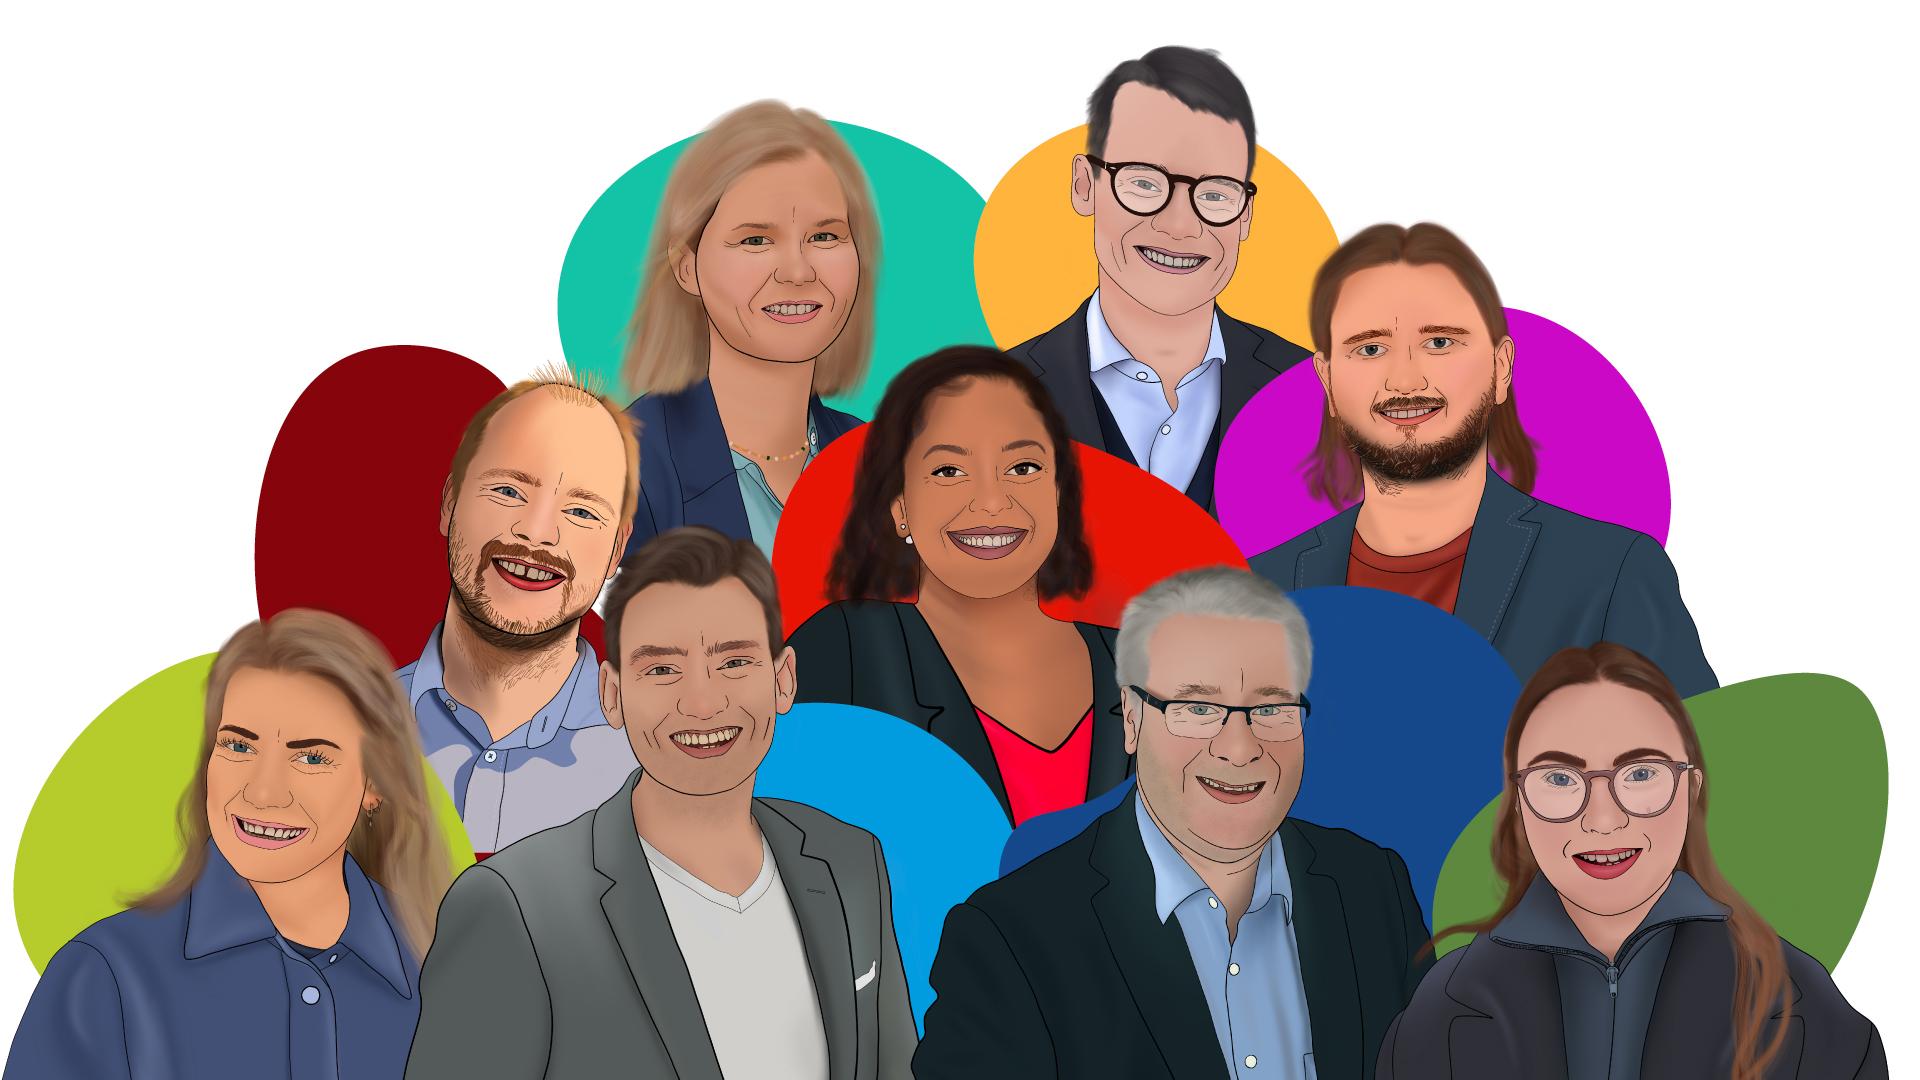 En illustrasjon av alle politikerne som er med i tv-serien Latterlig politikk. Alle politikerne smiler. Det er en runding med fargen til partiet bak hver politiker.